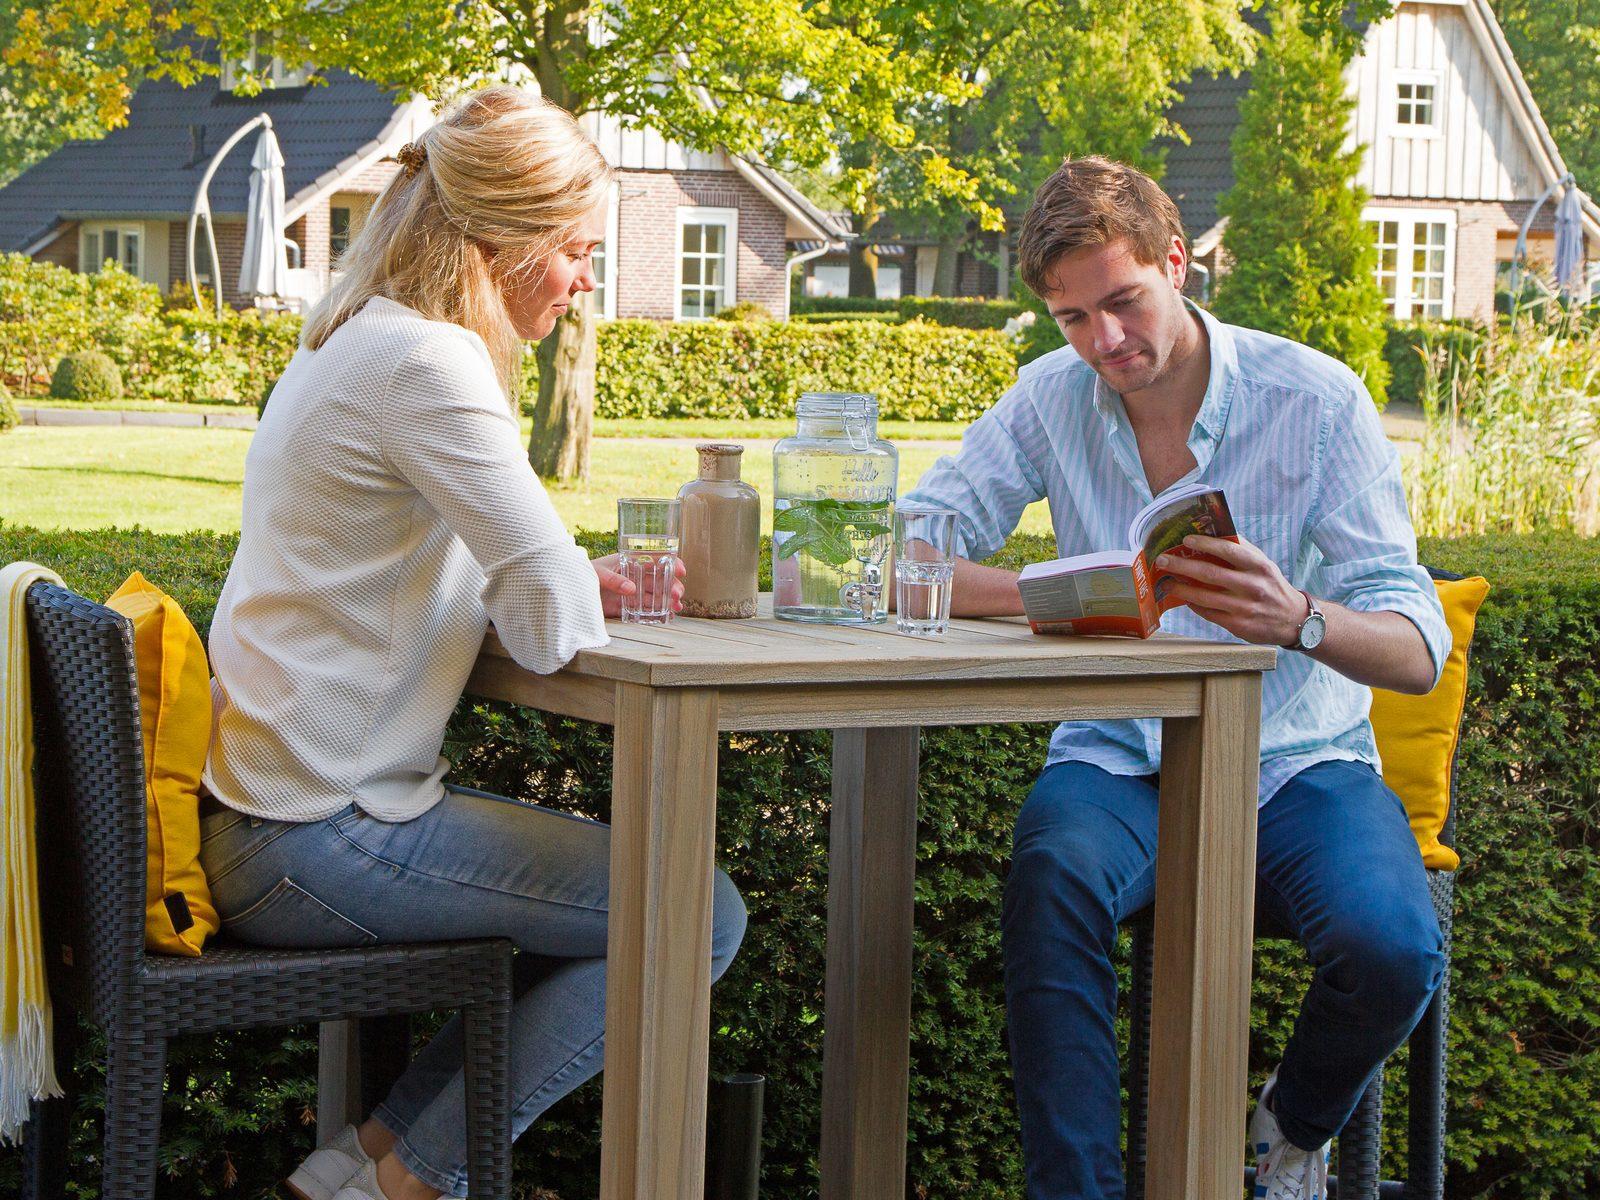 Vakantiehuis Pinksteren Nederland